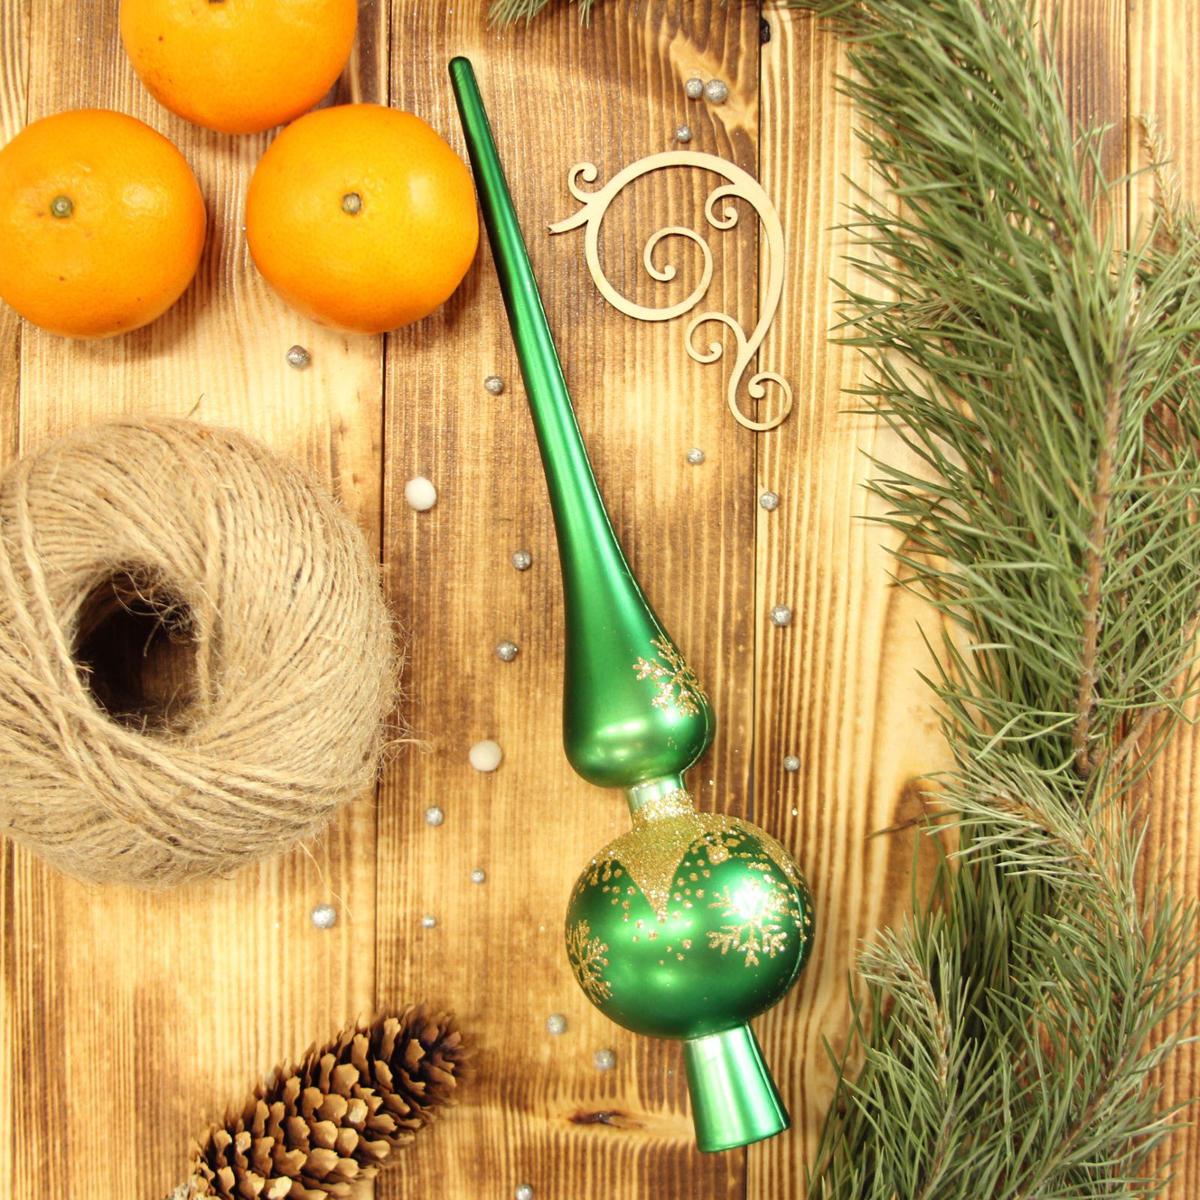 Верхушка на елку Sima-land Снежинка, 27,5 см2123051Верхушка на елку Sima-land будет прекрасно смотреться на новогодней еле. Верхушка на елку - одно из главных новогодних украшений лесной красавицы. Она принесет в ваш дом ни с чем не сравнимое ощущение праздника! Новогодние украшения несут в себе волшебство. Они помогут вам украсить дом к предстоящим праздникам и оживить интерьер по вашему вкусу. Создайте в доме атмосферу тепла, веселья и радости, украшая его всей семьей.